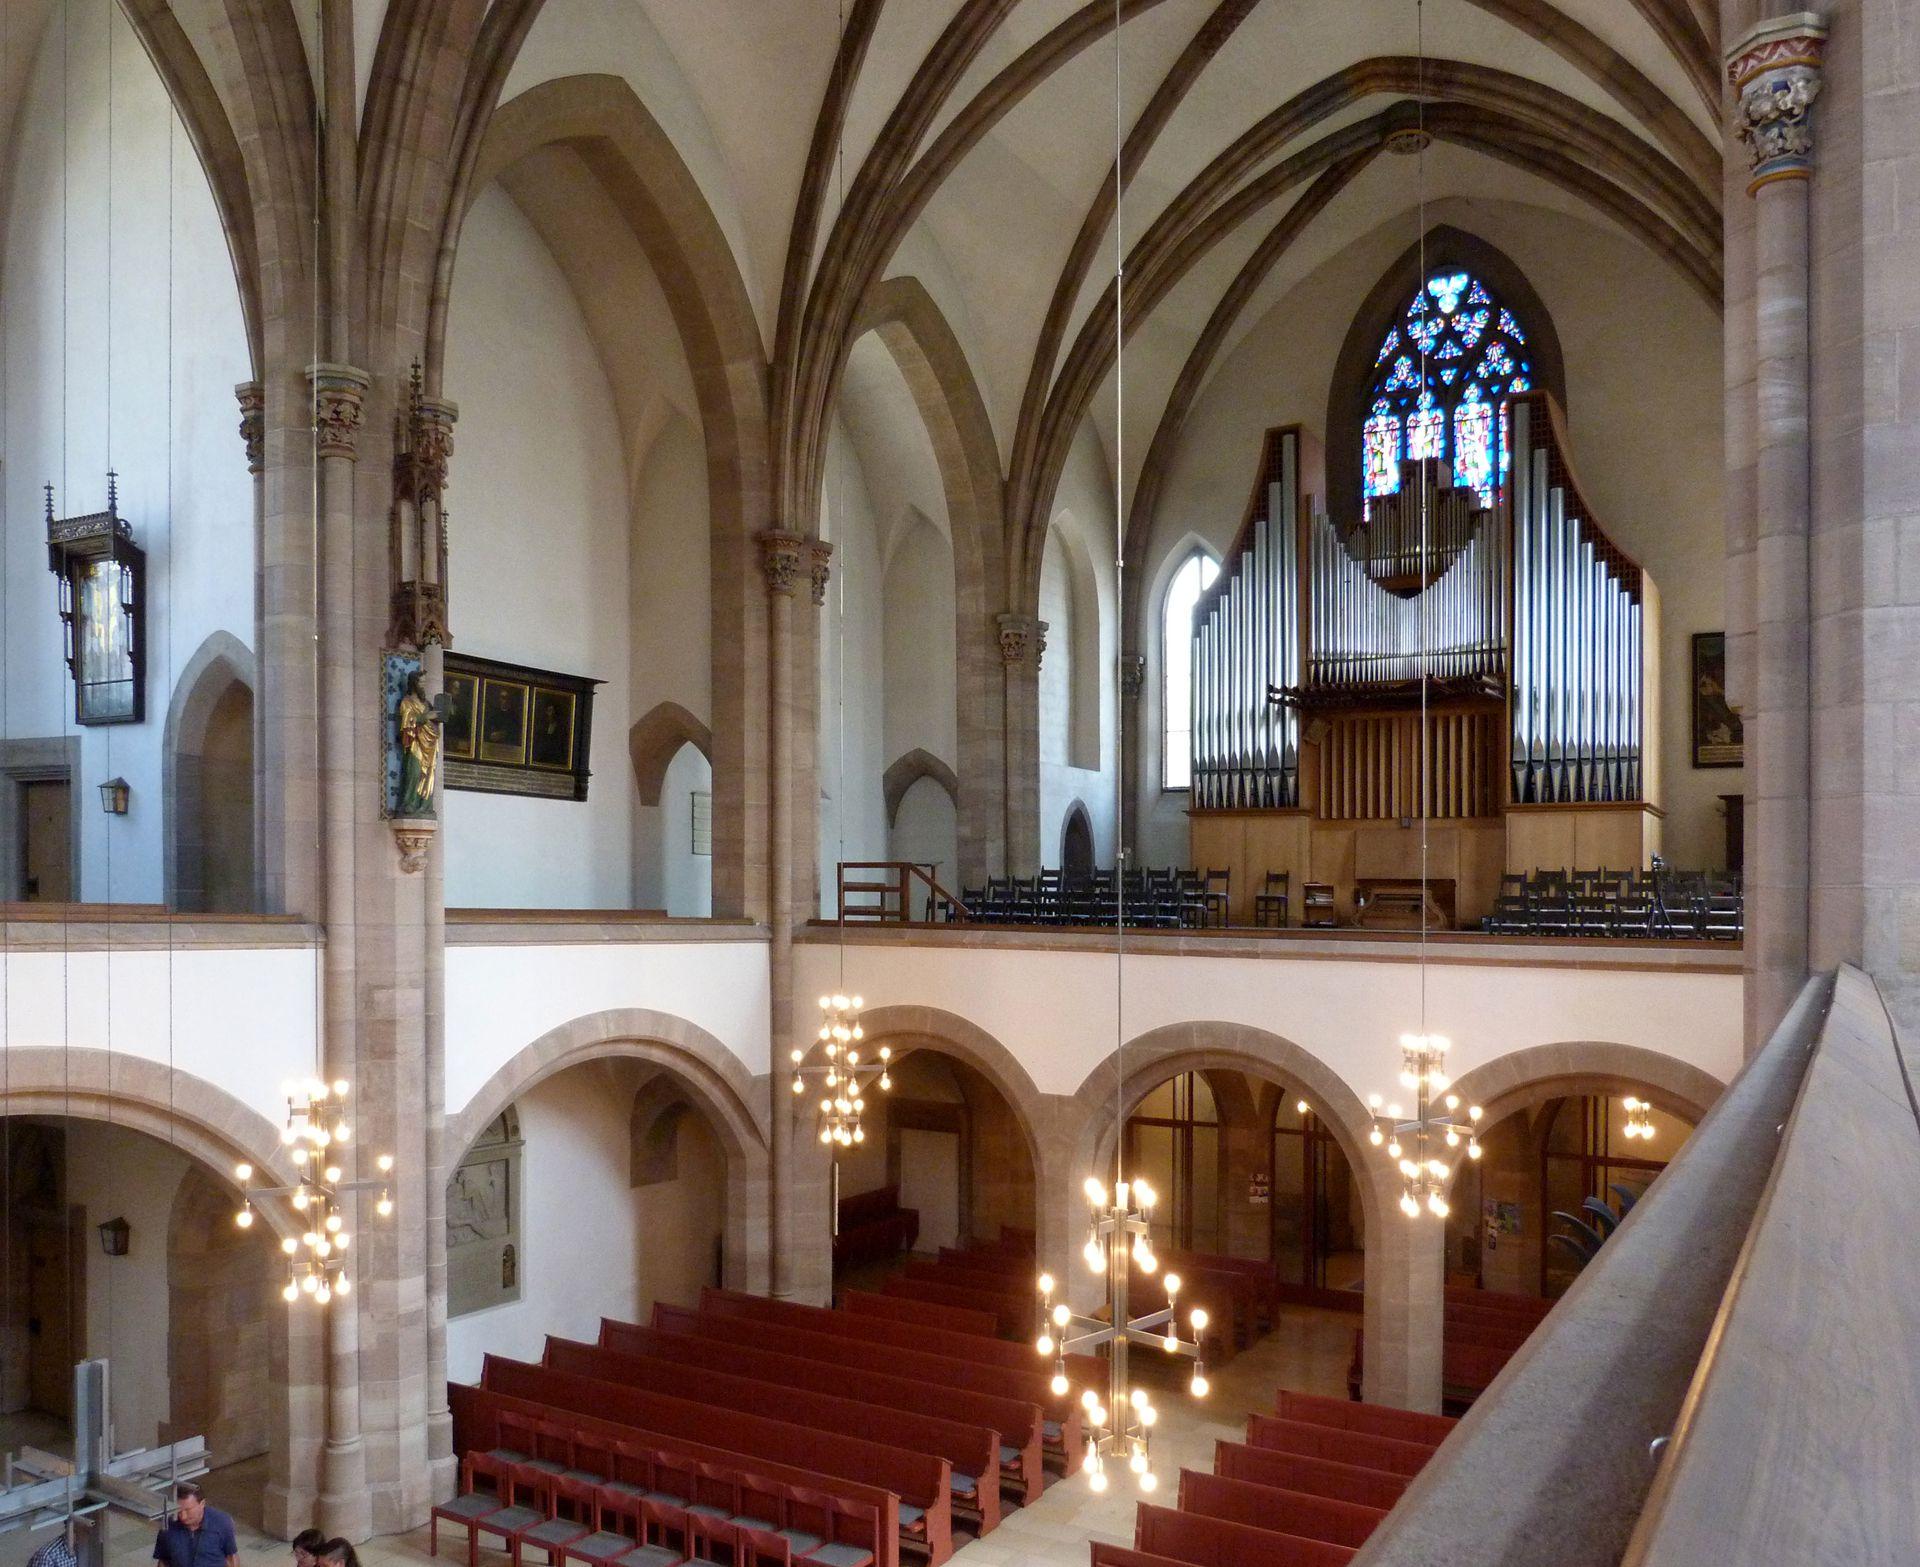 St. Peter Innenraum, Blick auf die Orgelempore